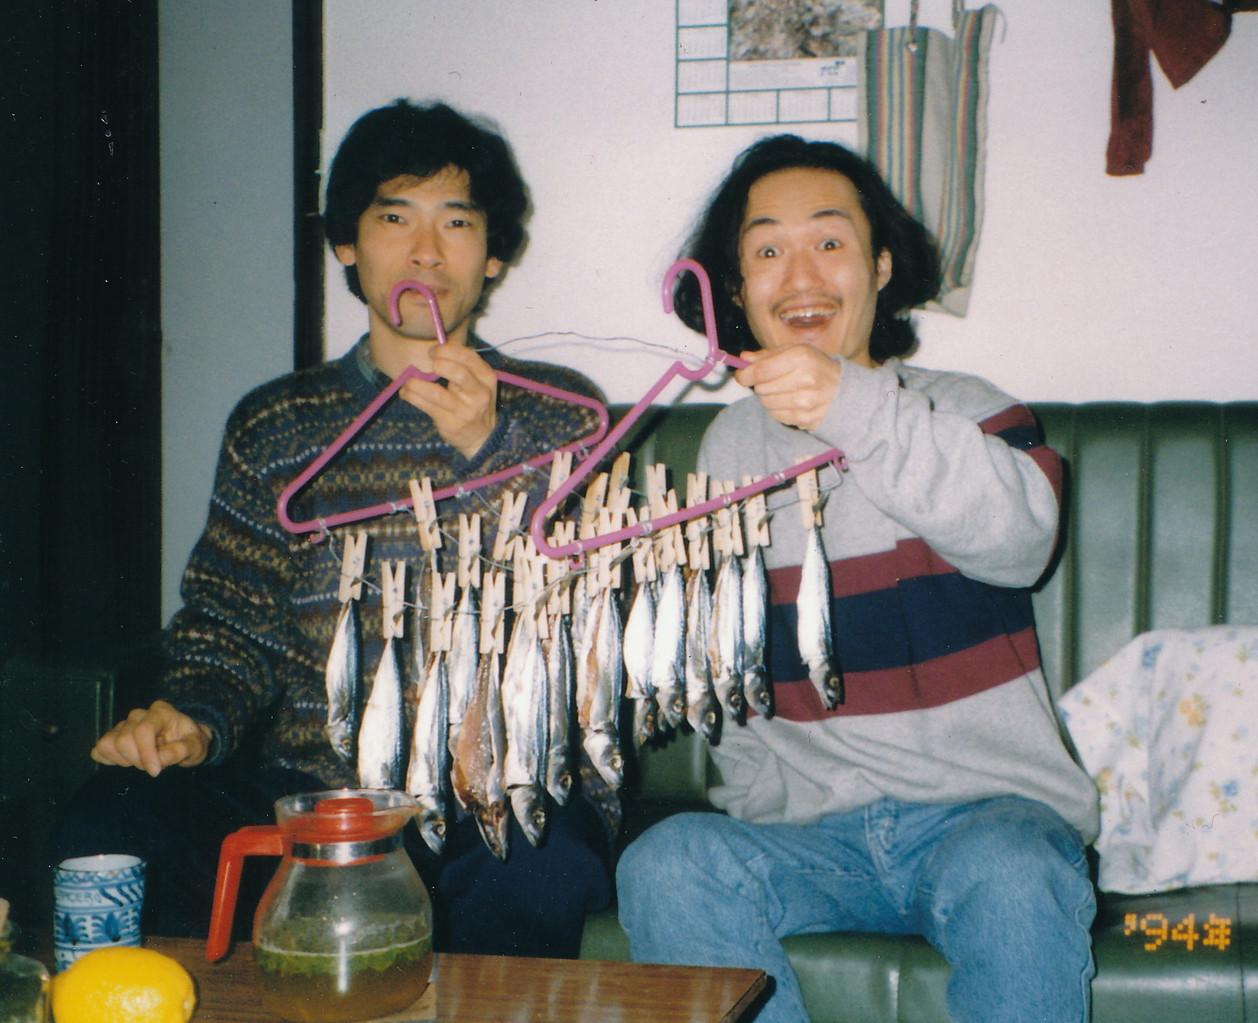 1994.親友.岩崎慎一氏と自宅にて/自家製の干物をバックに。